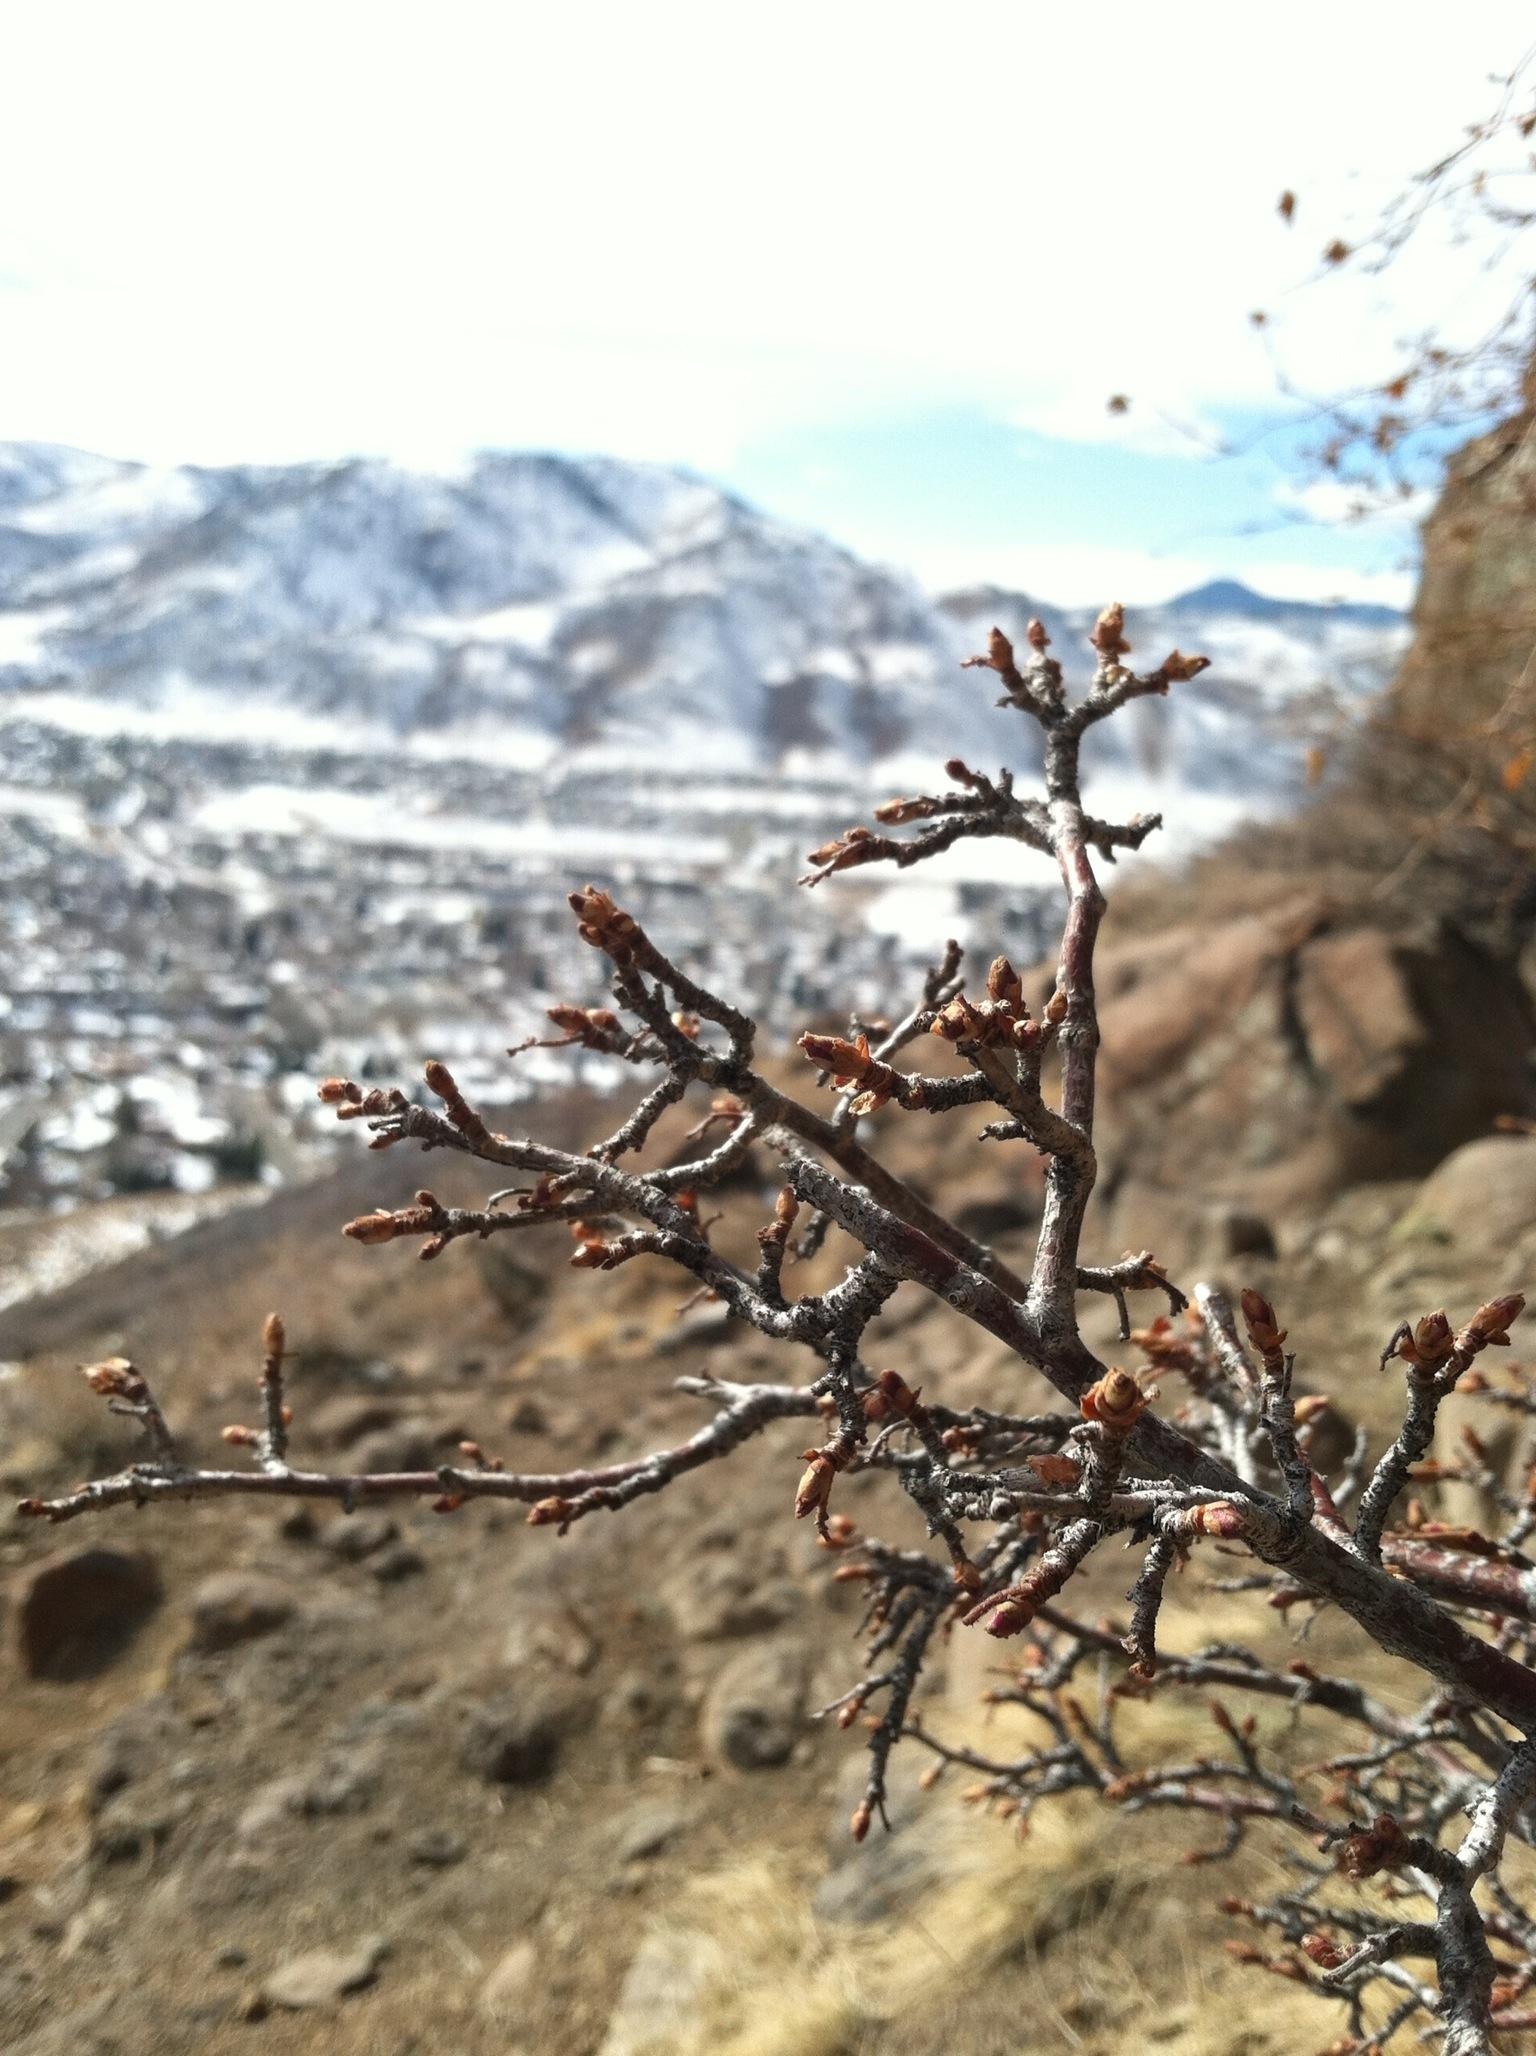 Descriptive essay on mountain climbing